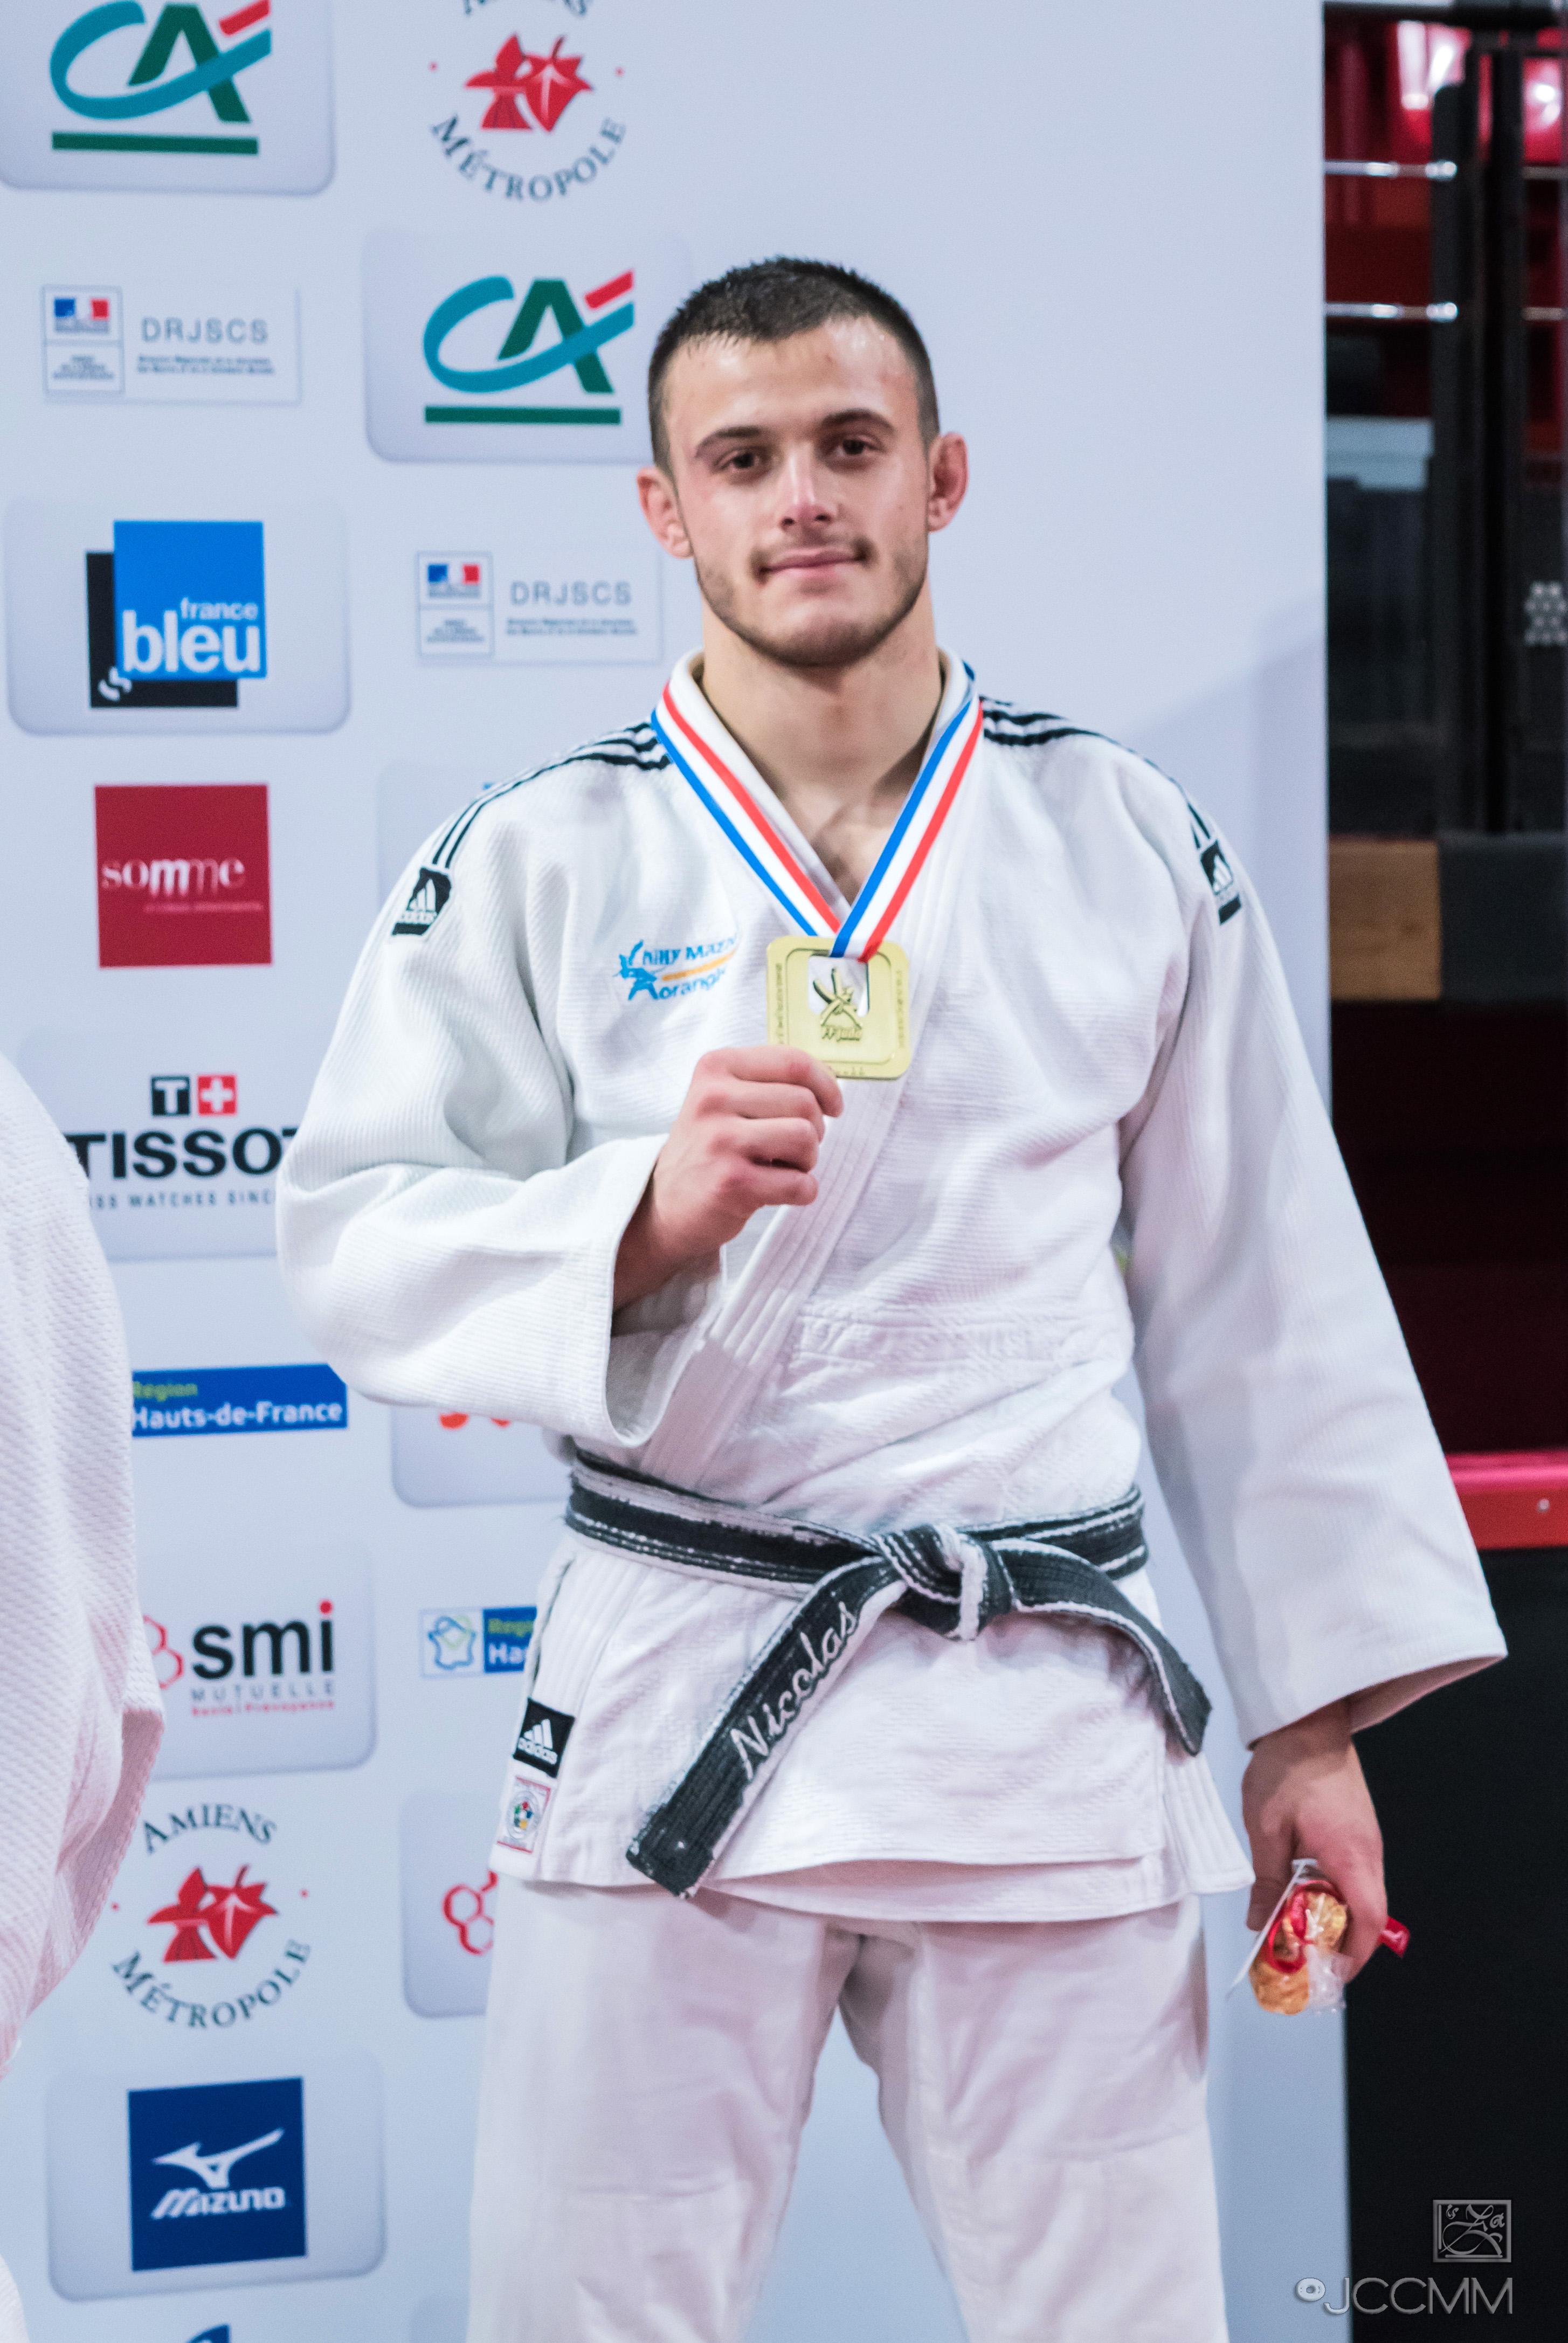 Nicolas Chilard 3ème au Championnat de France